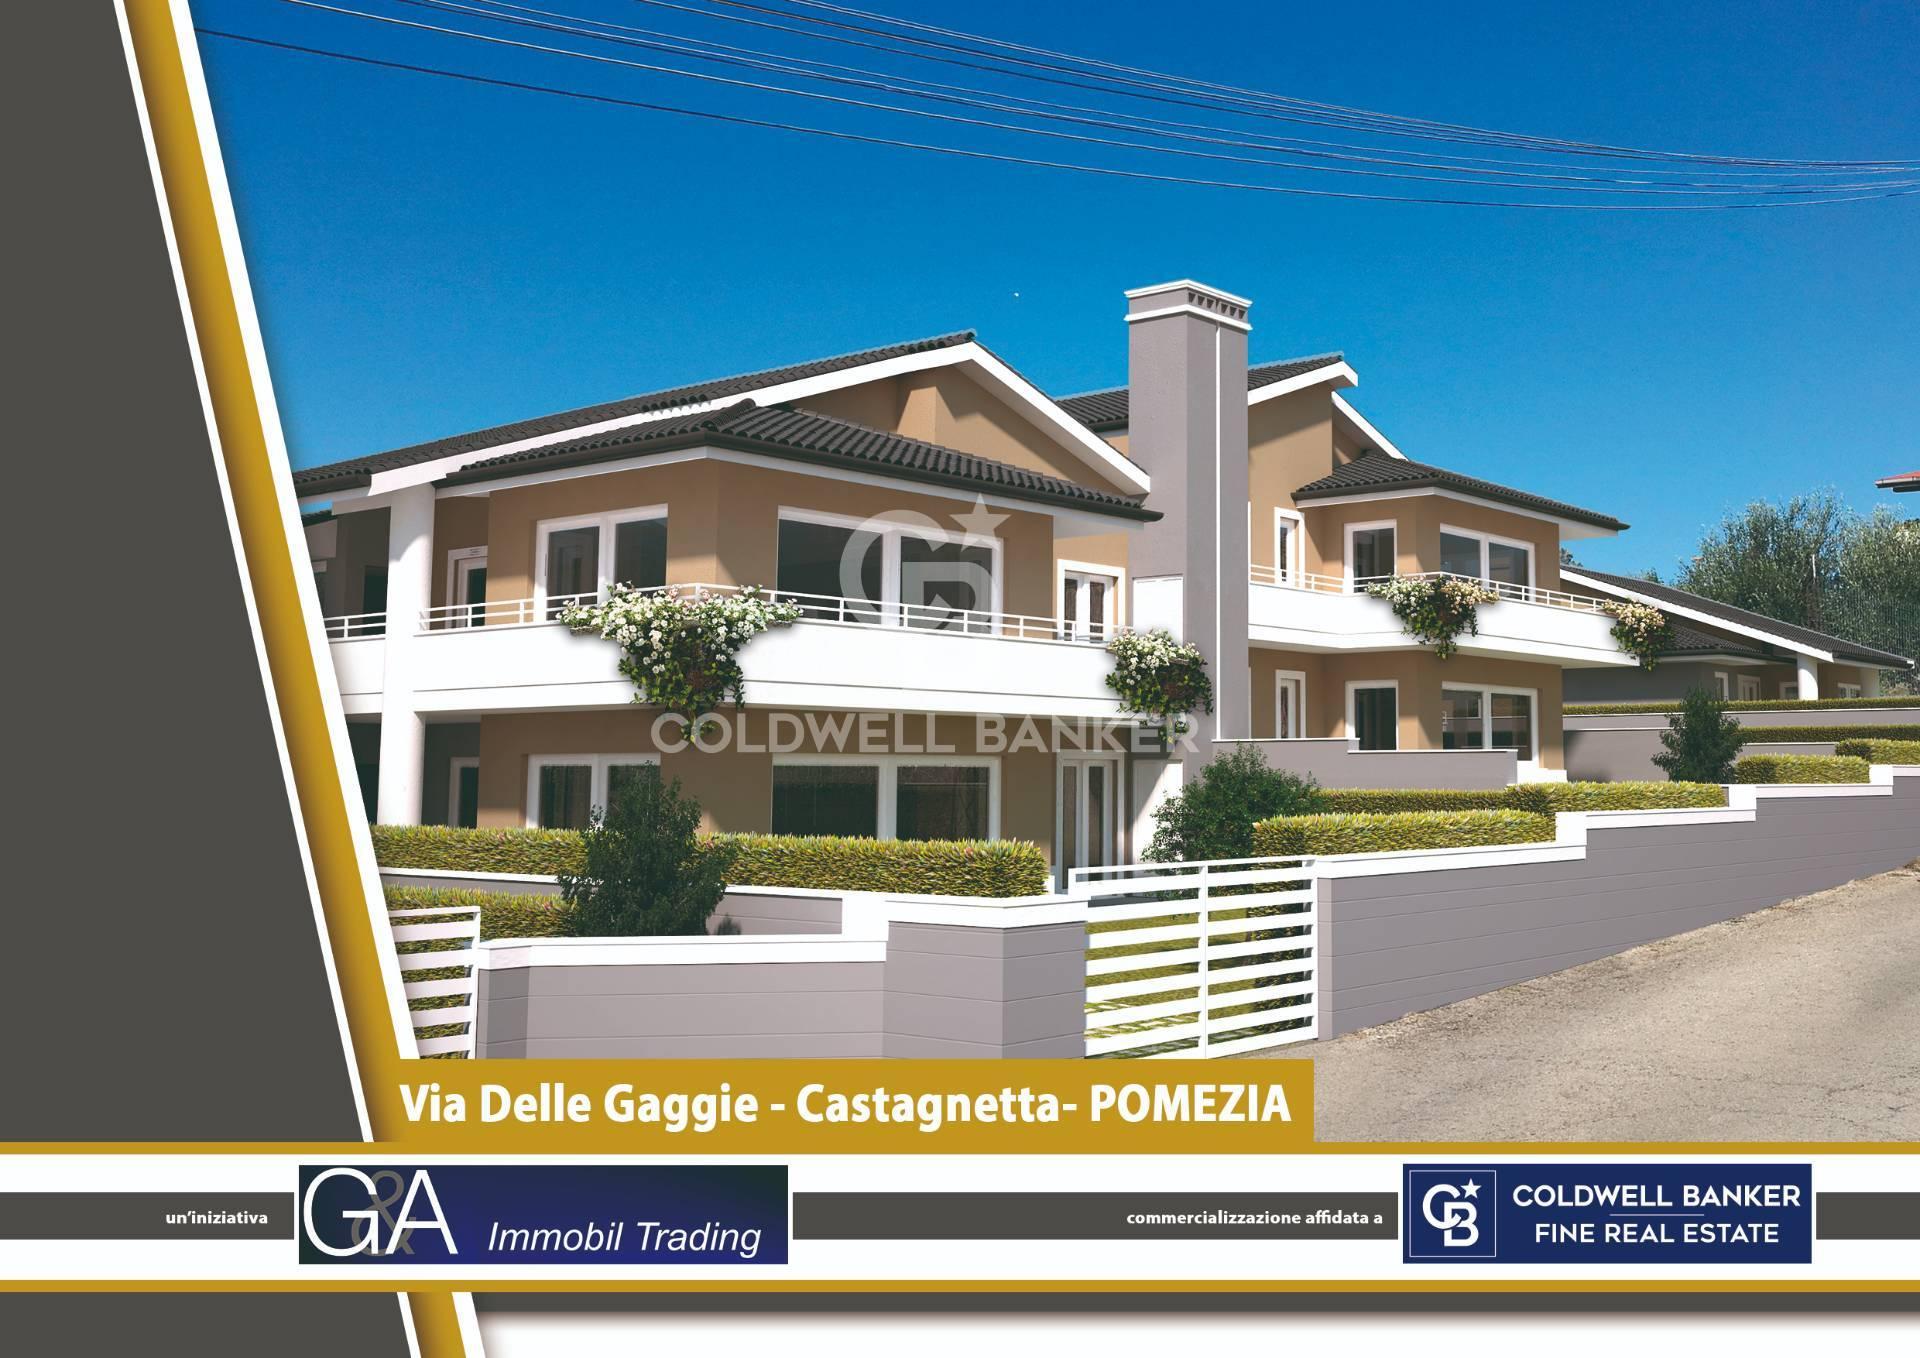 Appartamento in vendita a Pomezia, 3 locali, zona Località: Castagnetta, prezzo € 205.000 | PortaleAgenzieImmobiliari.it